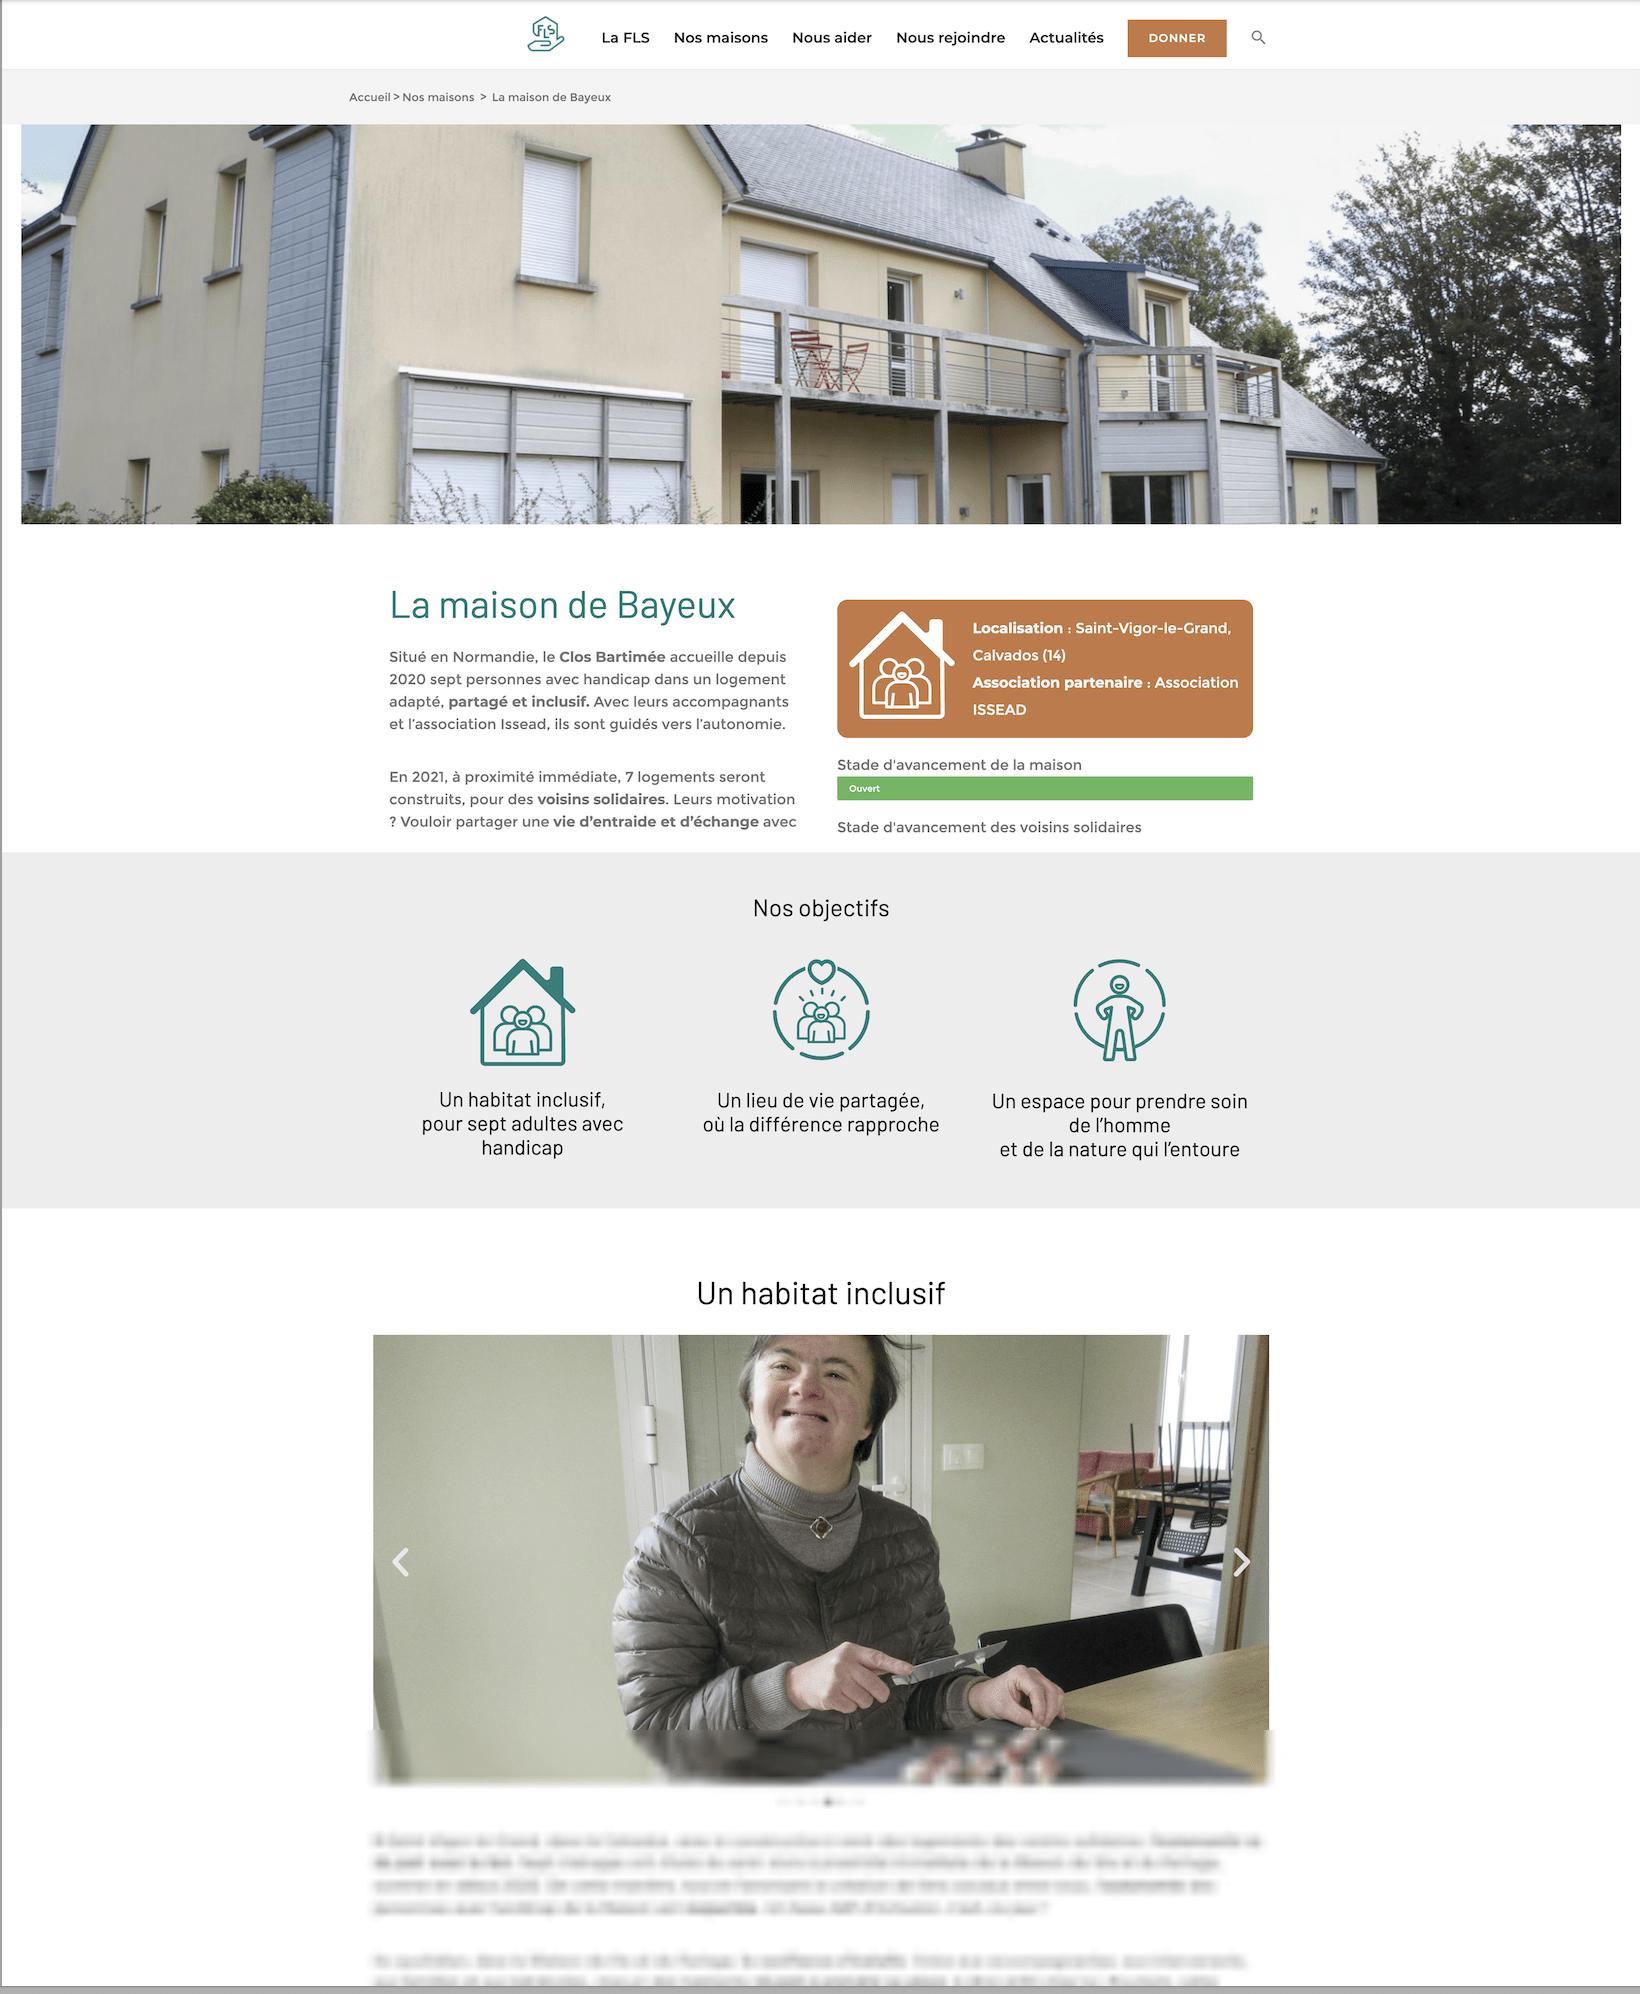 Page d'une maison de vie et de partage